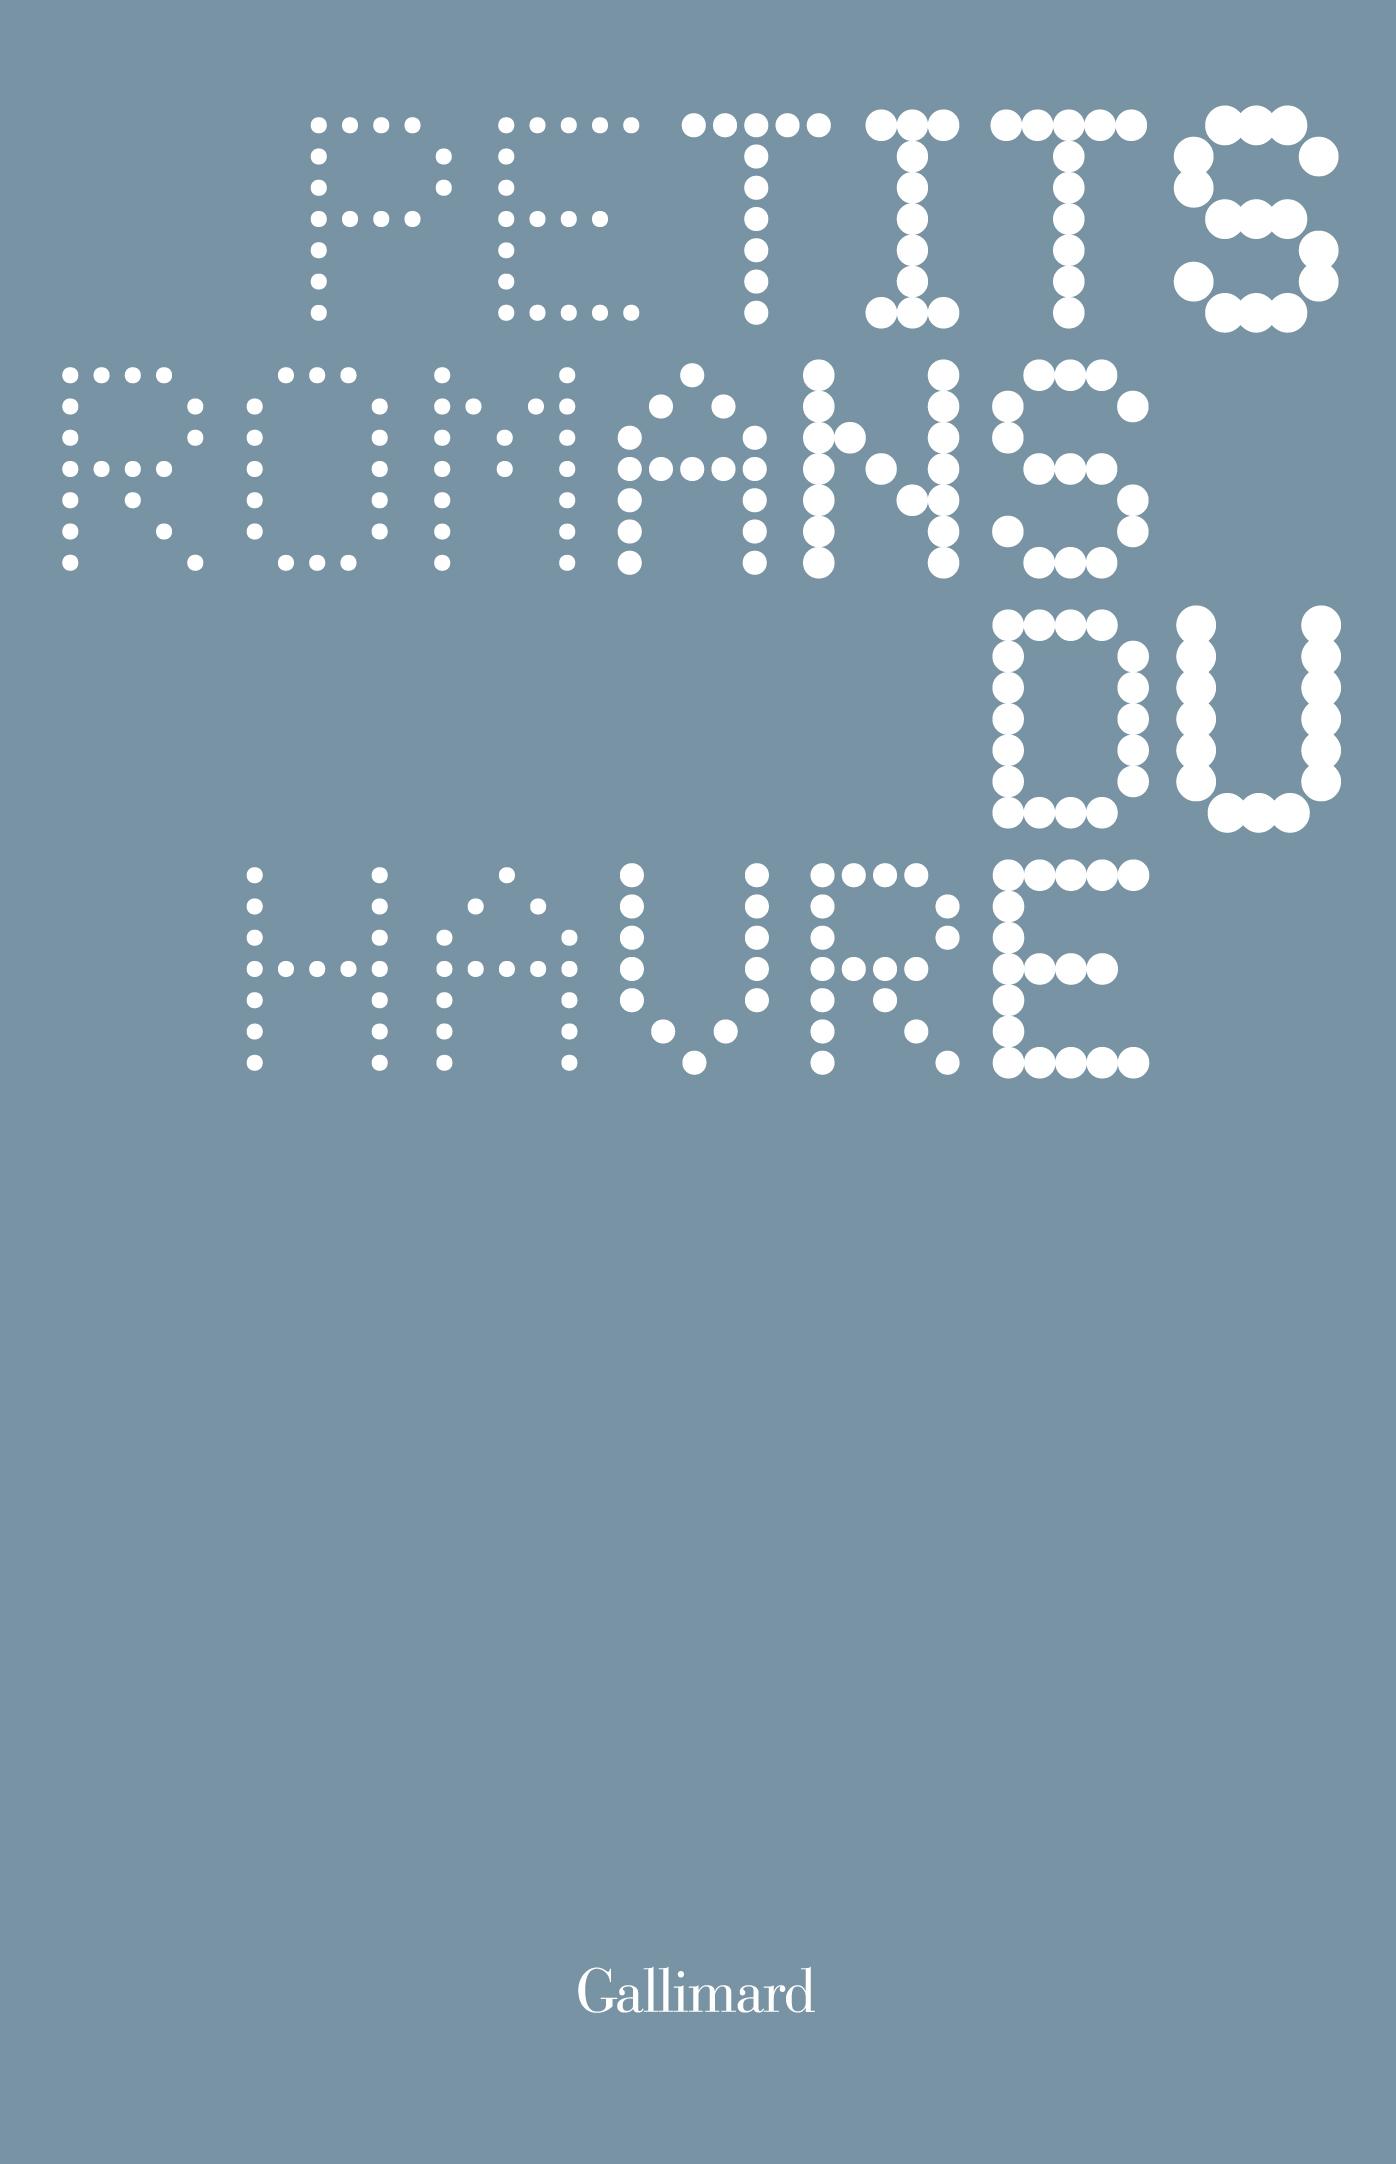 f17c49486c5 ... Hors série Littérature  Petits romans du Havre. Télécharger la  couverture